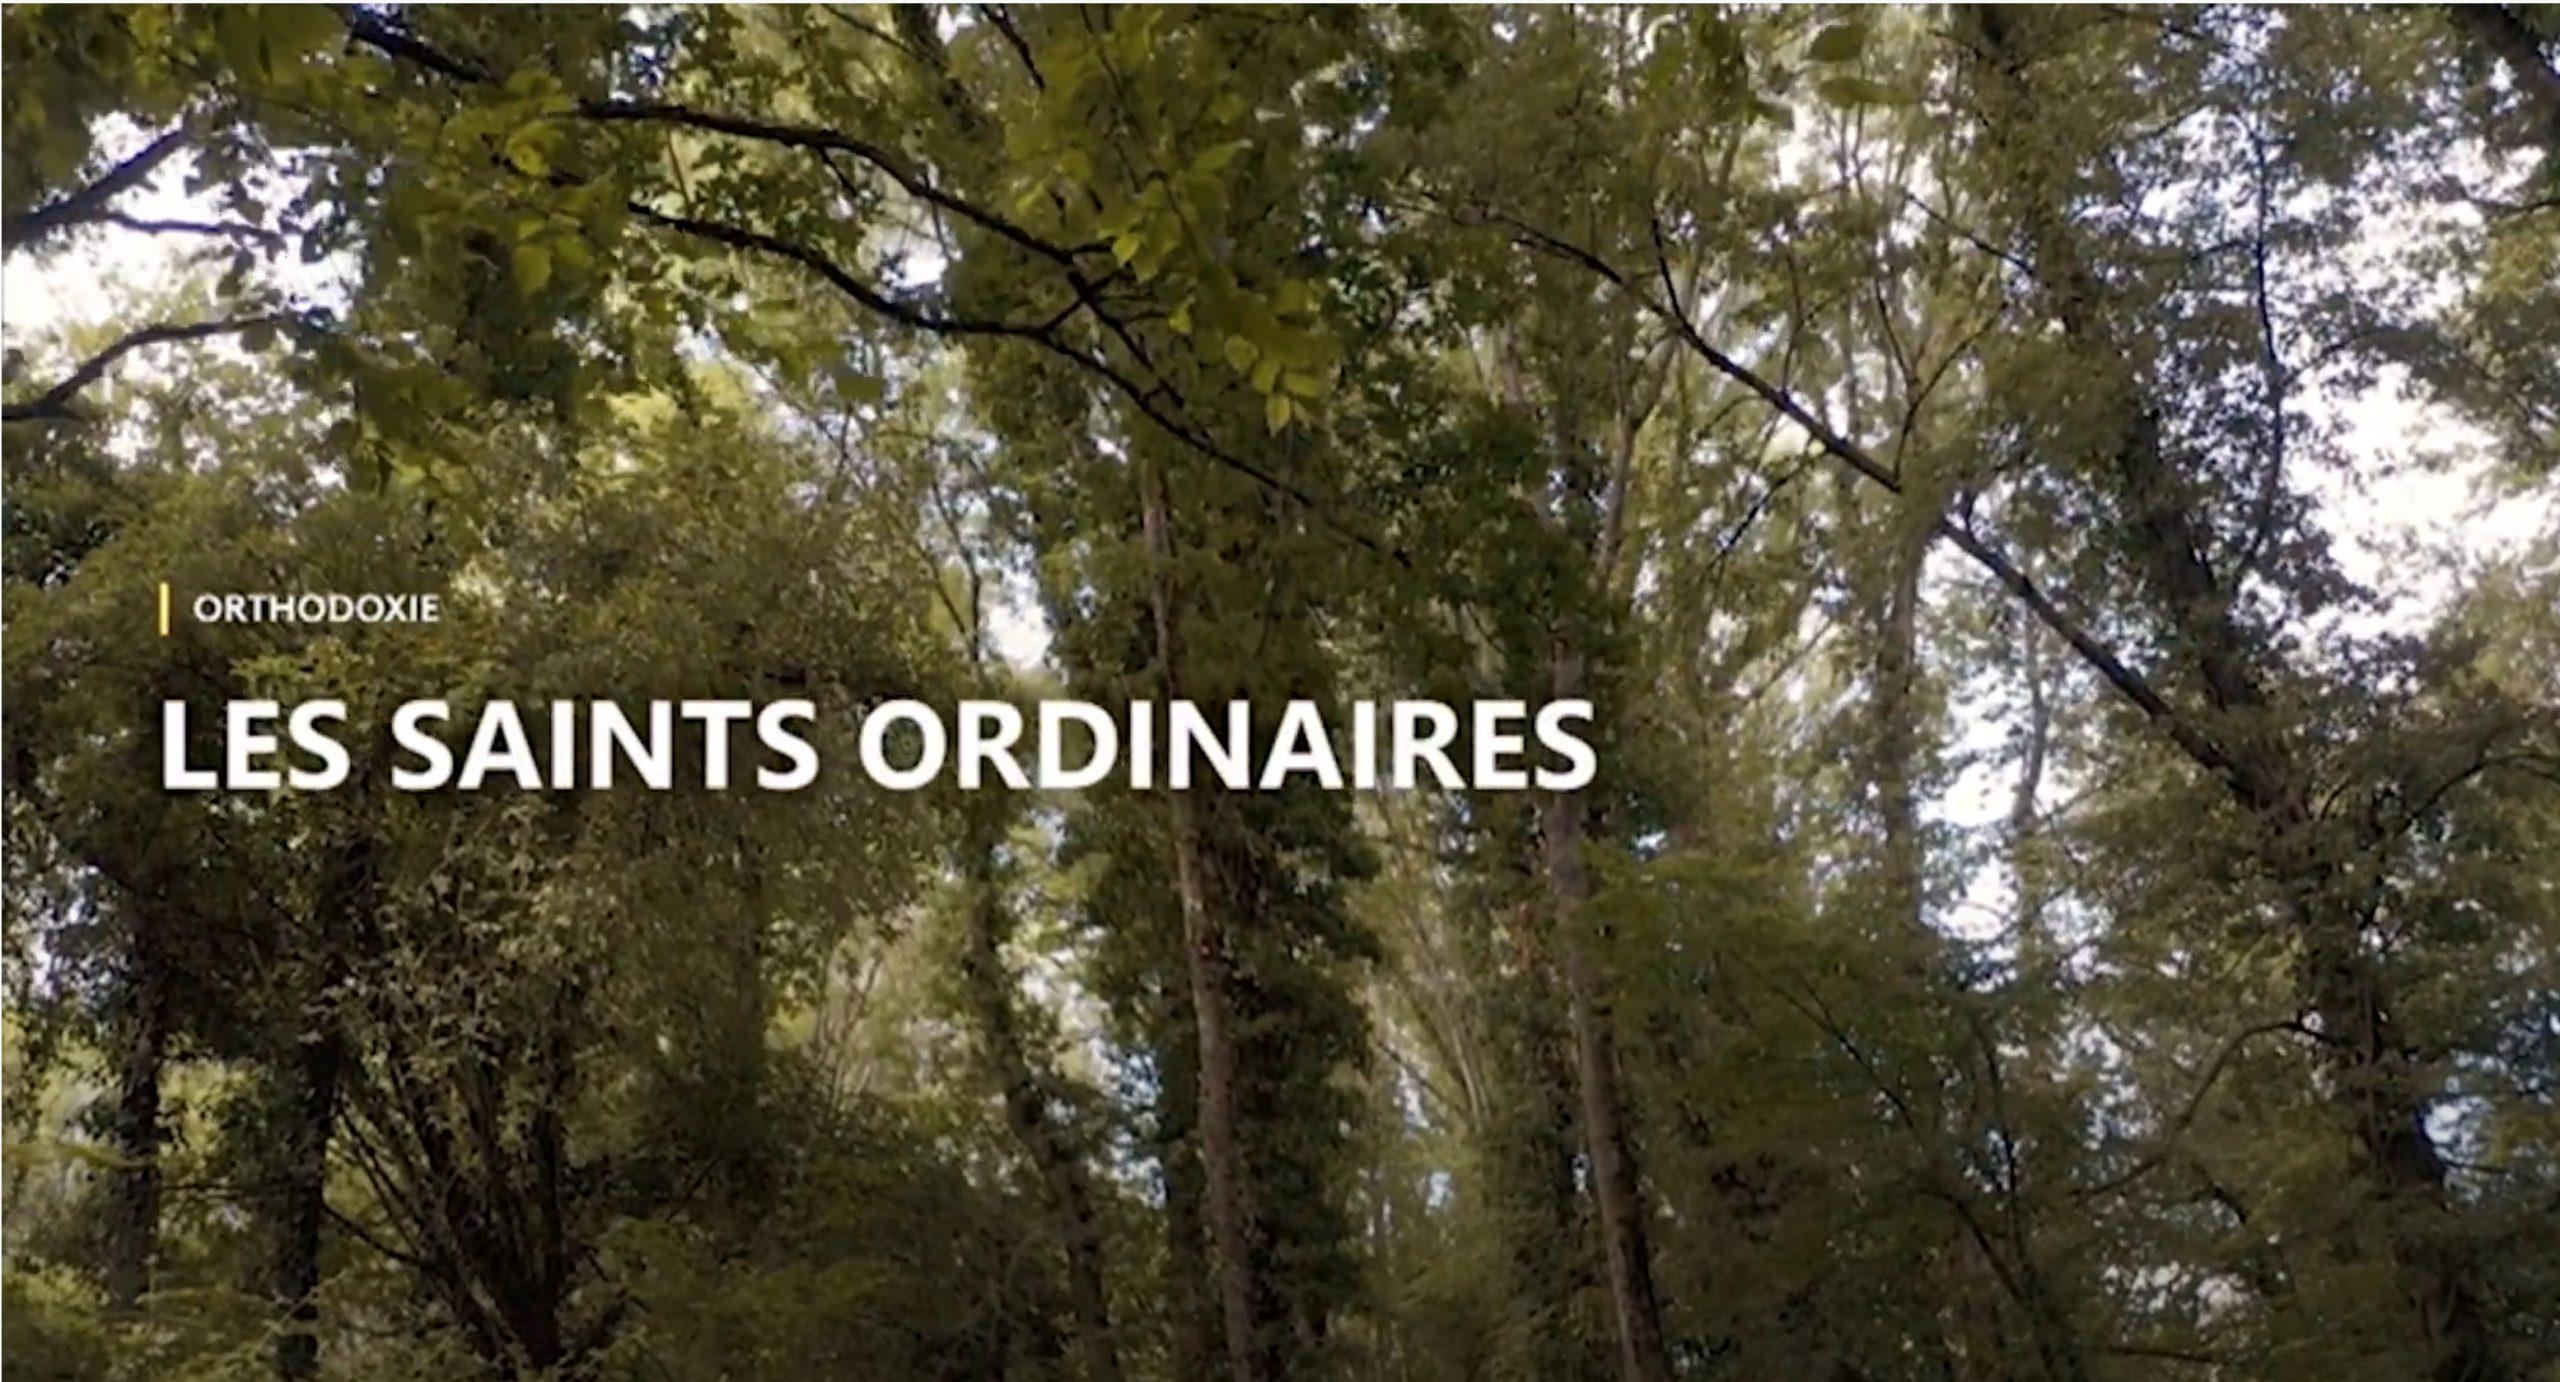 Bande-annonce : « Les saints ordinaires » – 12 septembre sur France 2 à 9h30